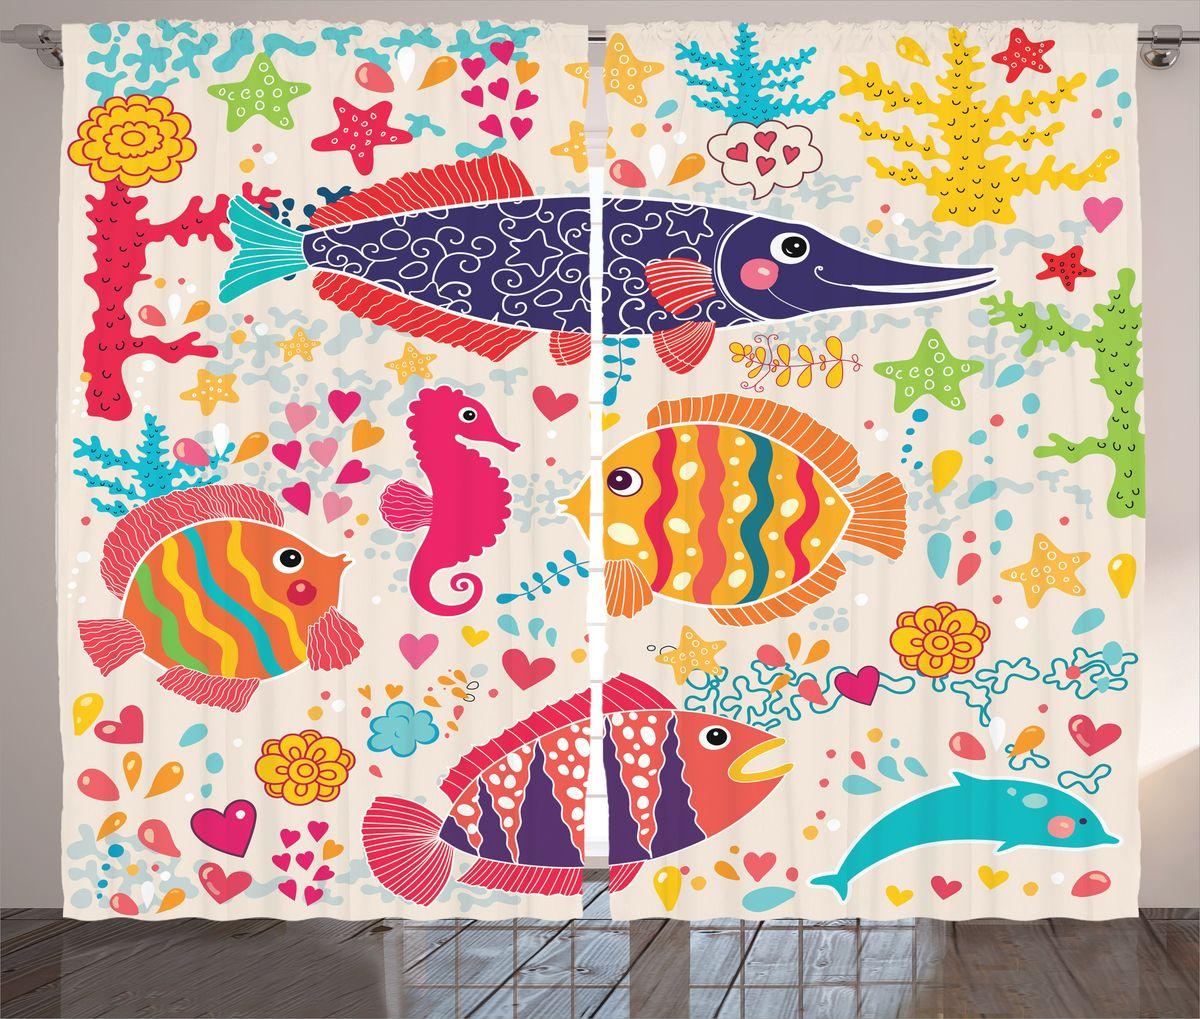 Комплект фотоштор Magic Lady Влюбленные рыбки, на ленте, высота 265 см. шсг_17279шсг_16336Компания Сэмболь изготавливает шторы из высококачественного сатена (полиэстер 100%). При изготовлении используются специальные гипоаллергенные чернила для прямой печати по ткани, безопасные для человека и животных. Экологичность продукции Magic lady и безопасность для окружающей среды подтверждены сертификатом Oeko-Tex Standard 100. Крепление: крючки для крепления на шторной ленте (50 шт). Возможно крепление на трубу. Внимание! При нанесении сублимационной печати на ткань технологическим методом при температуре 240°С, возможно отклонение полученных размеров (указанных на этикетке и сайте) от стандартных на + - 3-5 см. Производитель старается максимально точно передать цвета изделия на фотографиях, однако искажения неизбежны и фактический цвет изделия может отличаться от воспринимаемого по фото. Обратите внимание! Шторы изготовлены из полиэстра сатенового переплетения, а не из сатина (хлопок). Размер одного полотна шторы: 145х265 см. В комплекте 2 полотна шторы и 50 крючков.